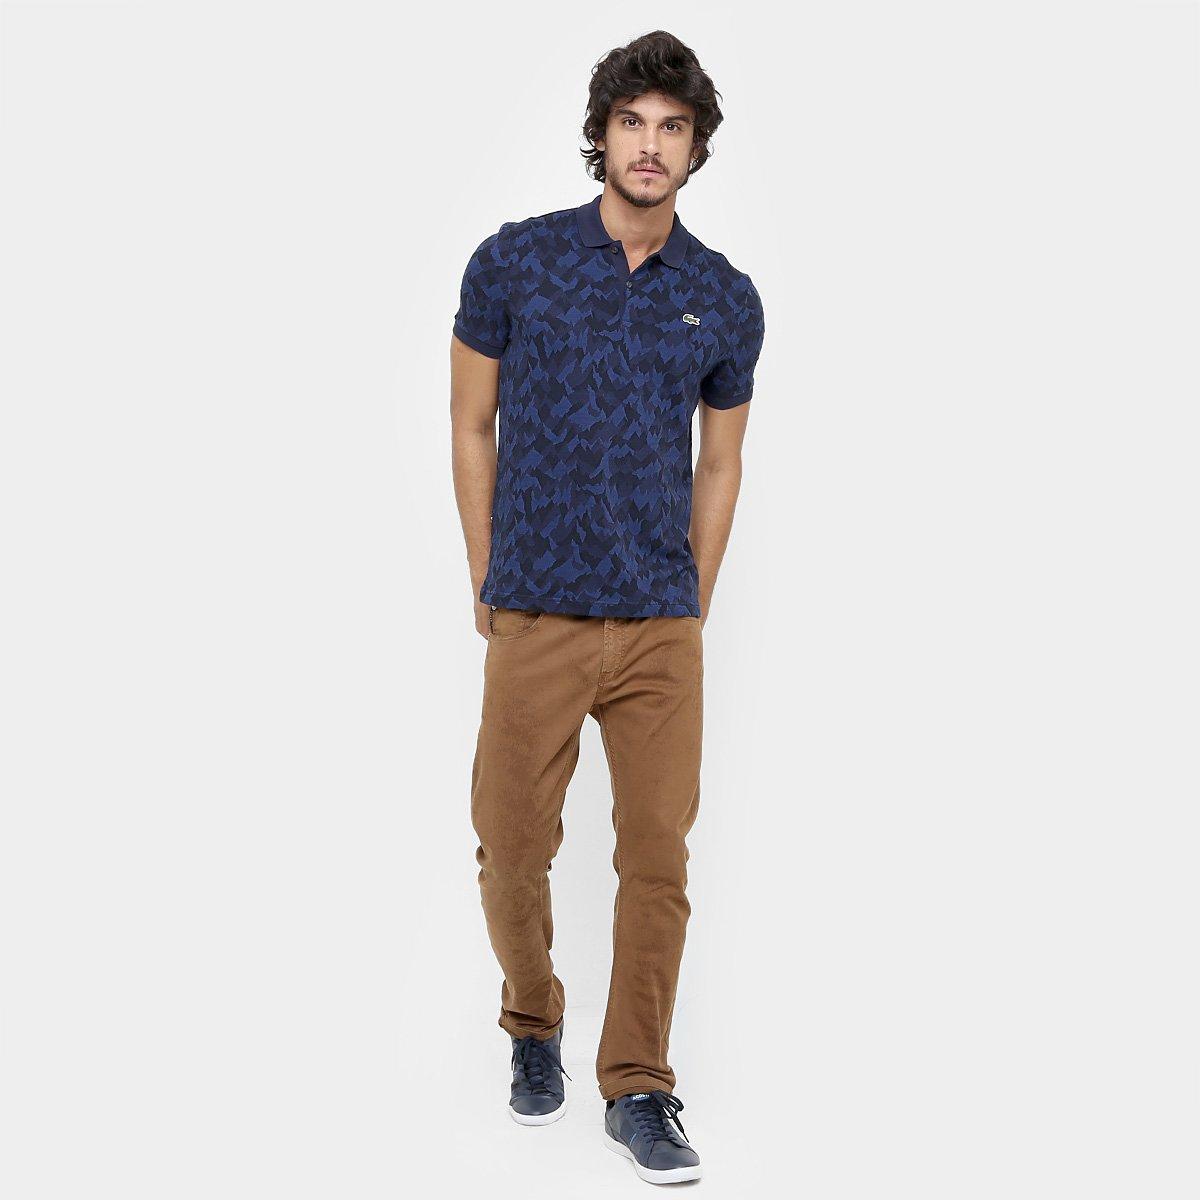 04979321b9511 Camisa Polo Lacoste Live Piquet Jacquard Camuflado - Compre Agora ...